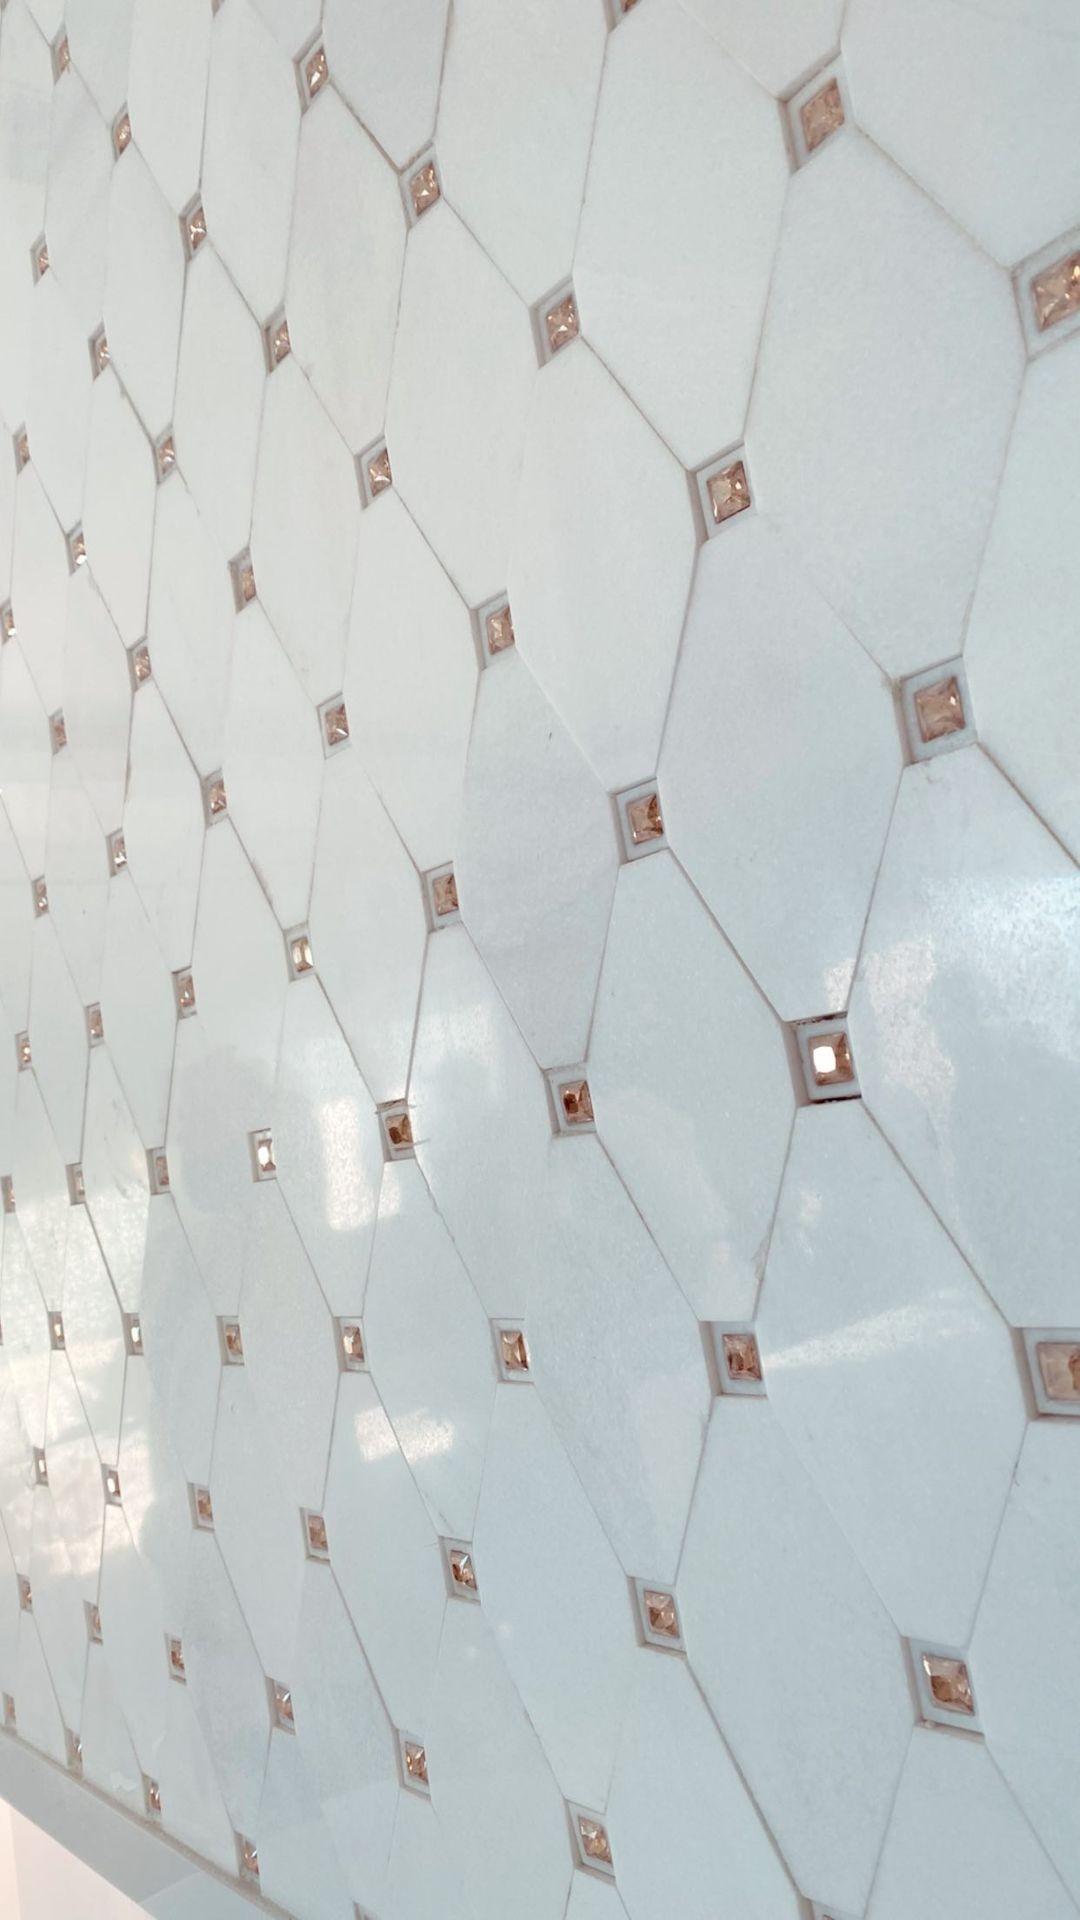 Apartamento de Viih Tube - Crédito: Reprodução/Instagram